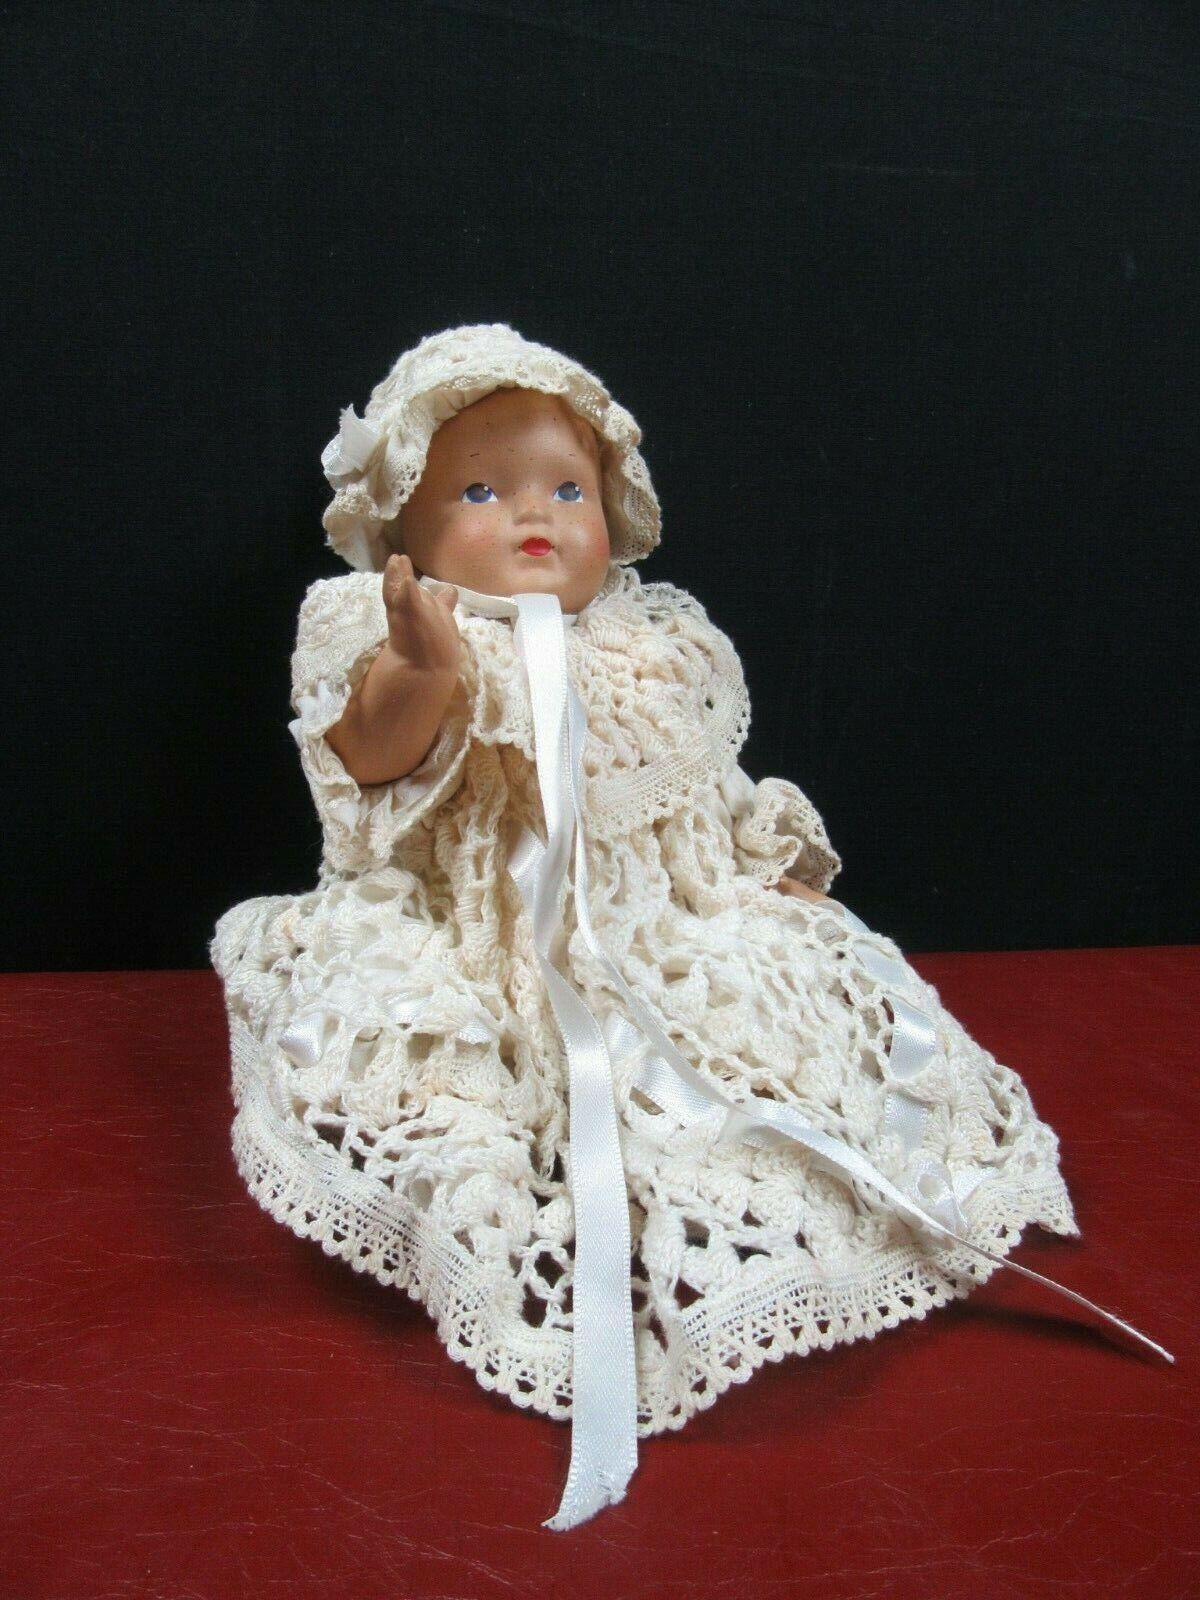 Antica BAMBOLA Porcellana BISCUIT Vestito fatto a uomoo dipinta primi 900 liberty